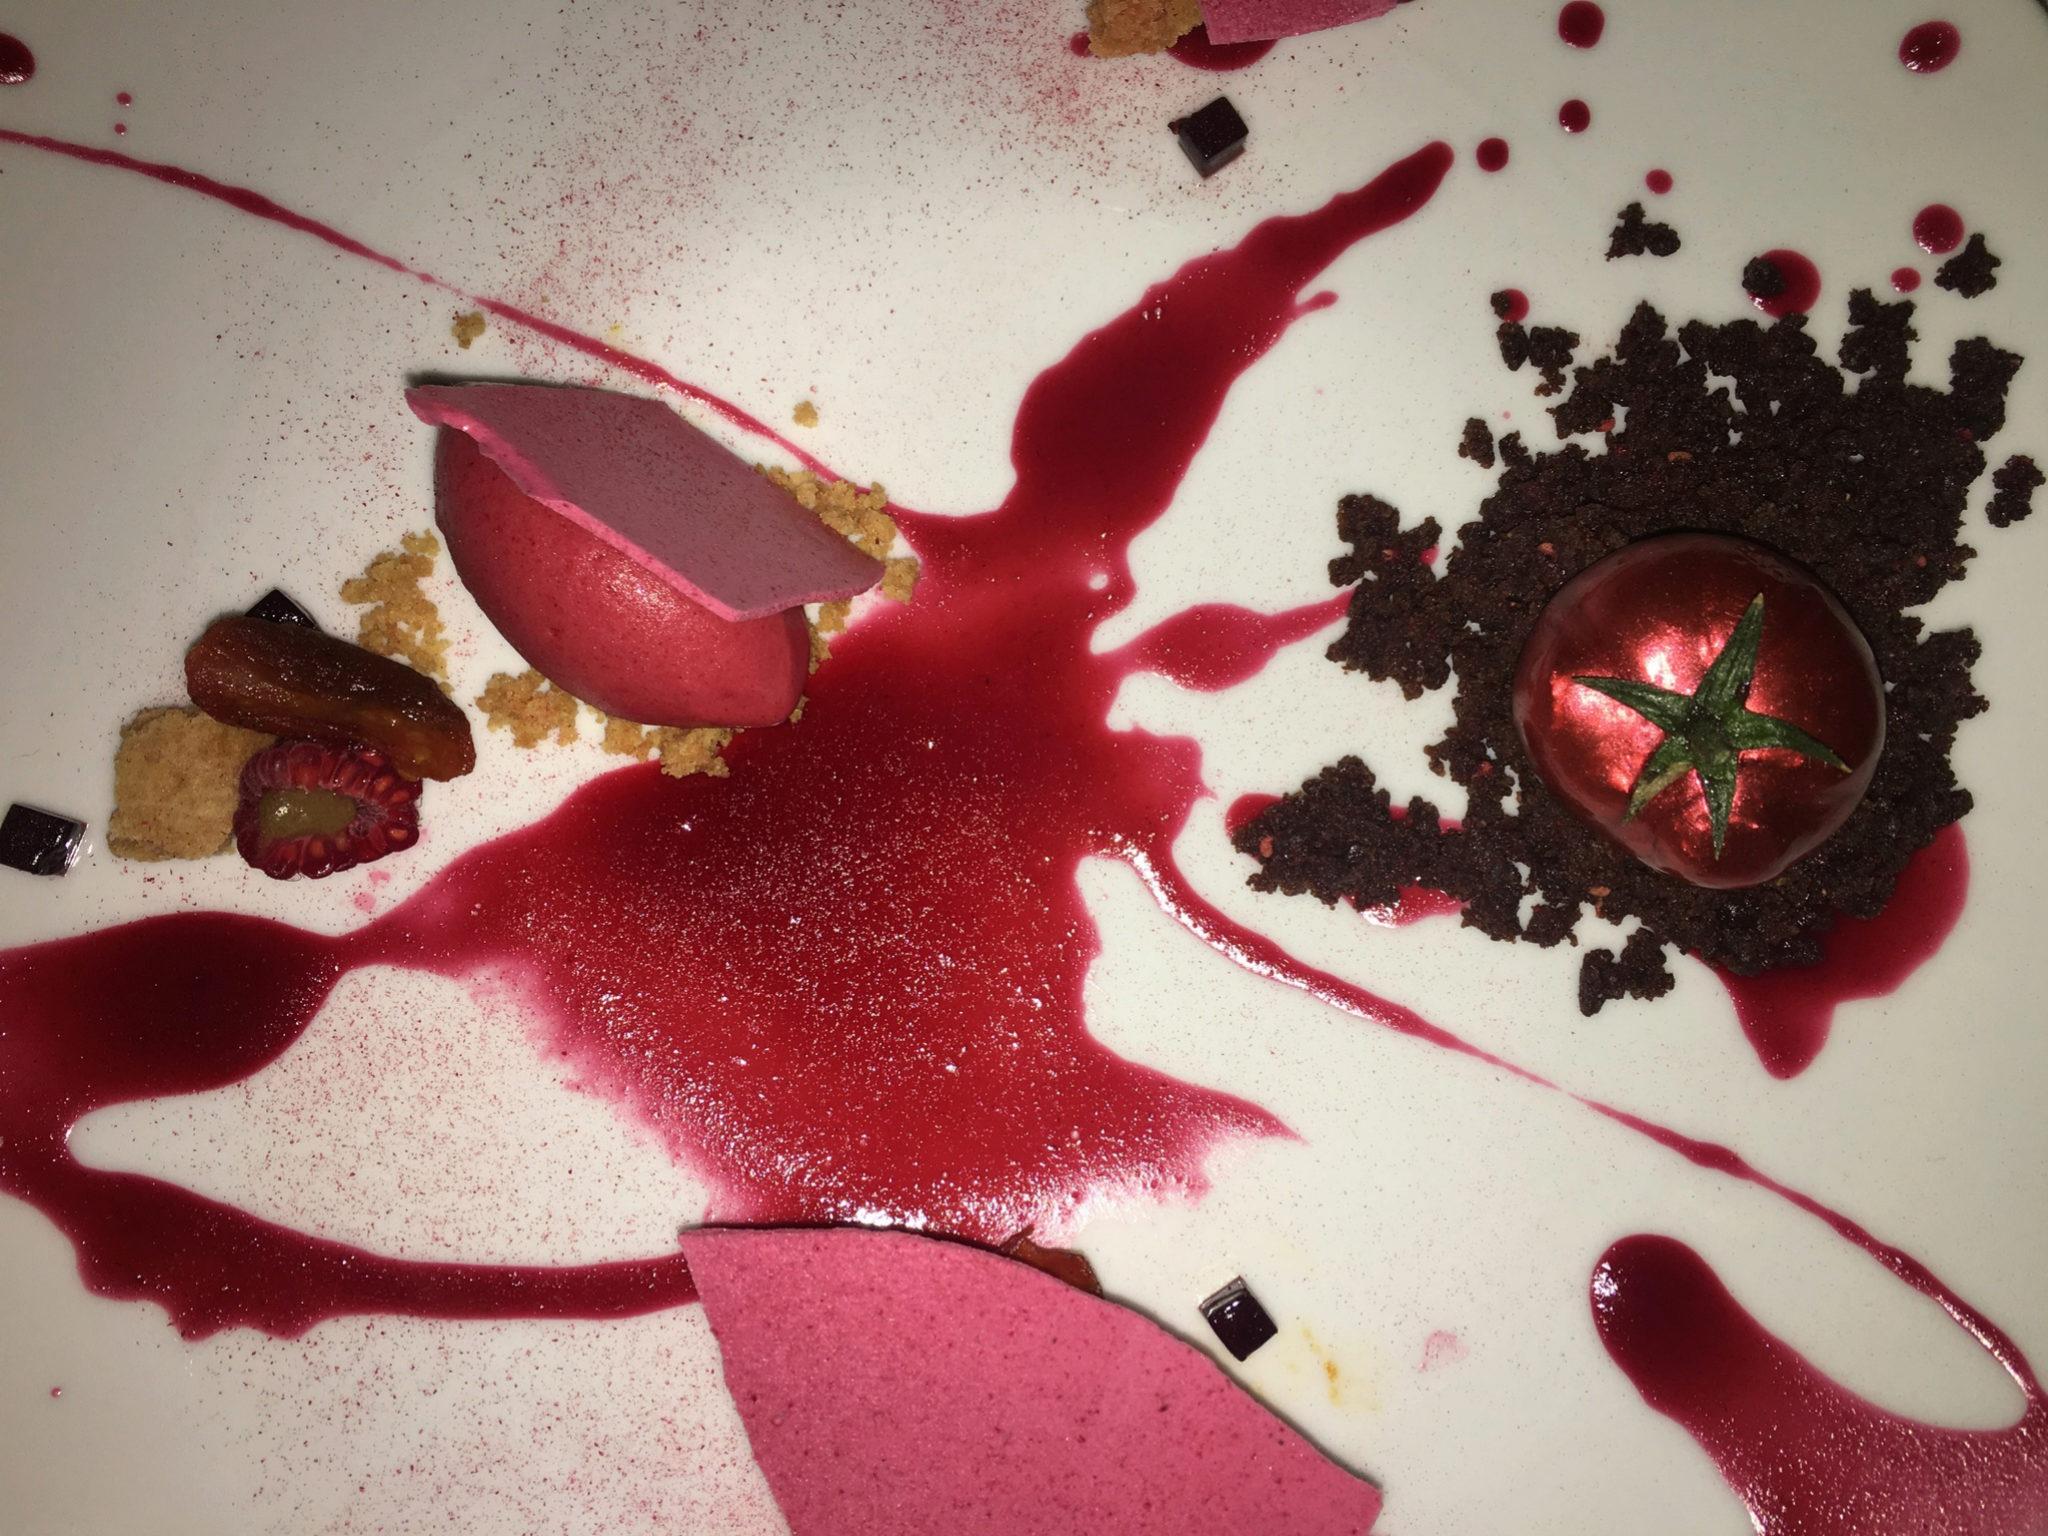 el postre del menú fue el famoso tomate nitro de Dani García pero en...